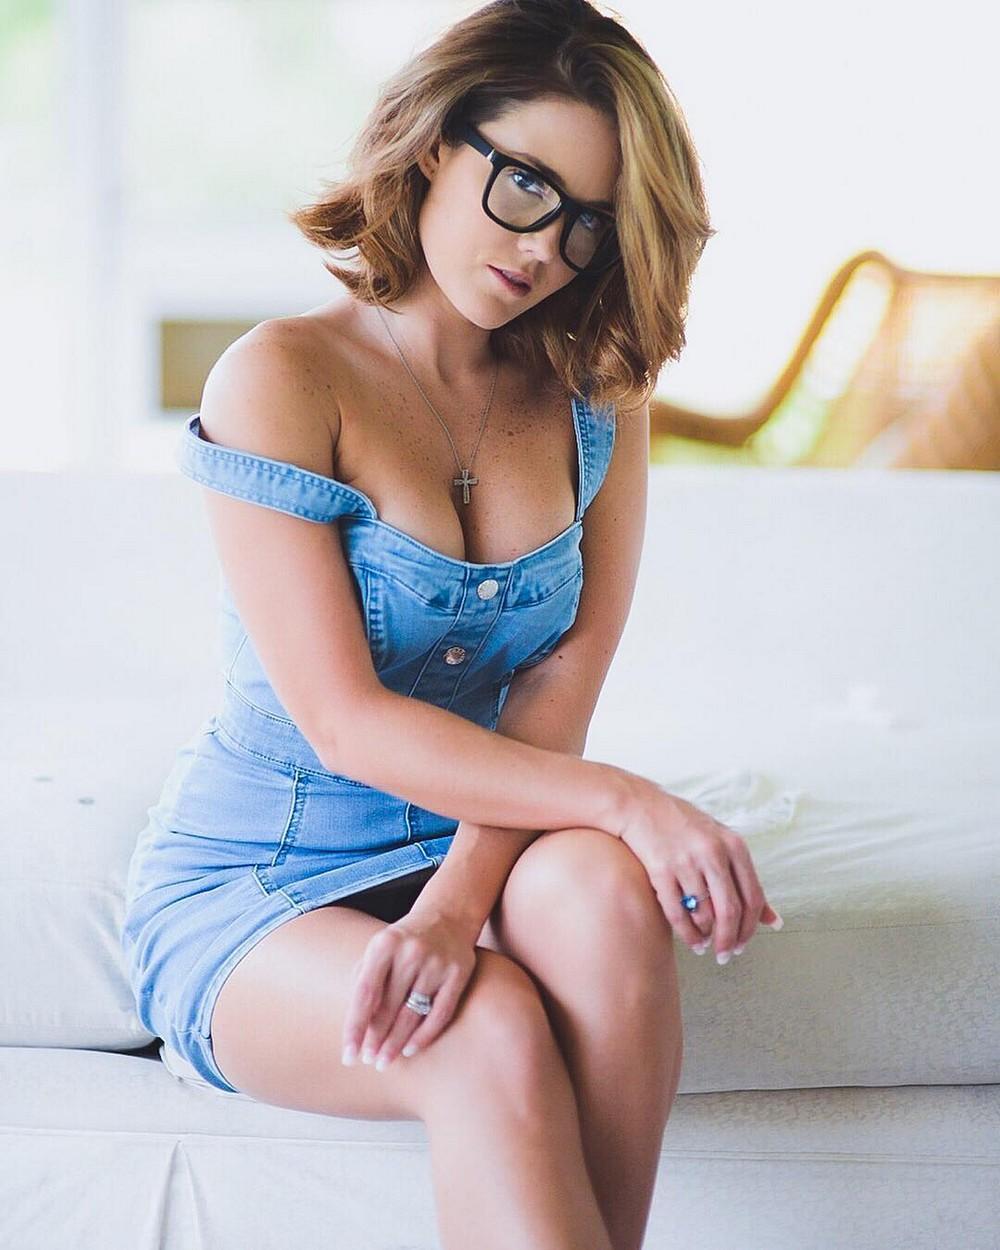 Фото красивых девушек в очках: большая подборка 5